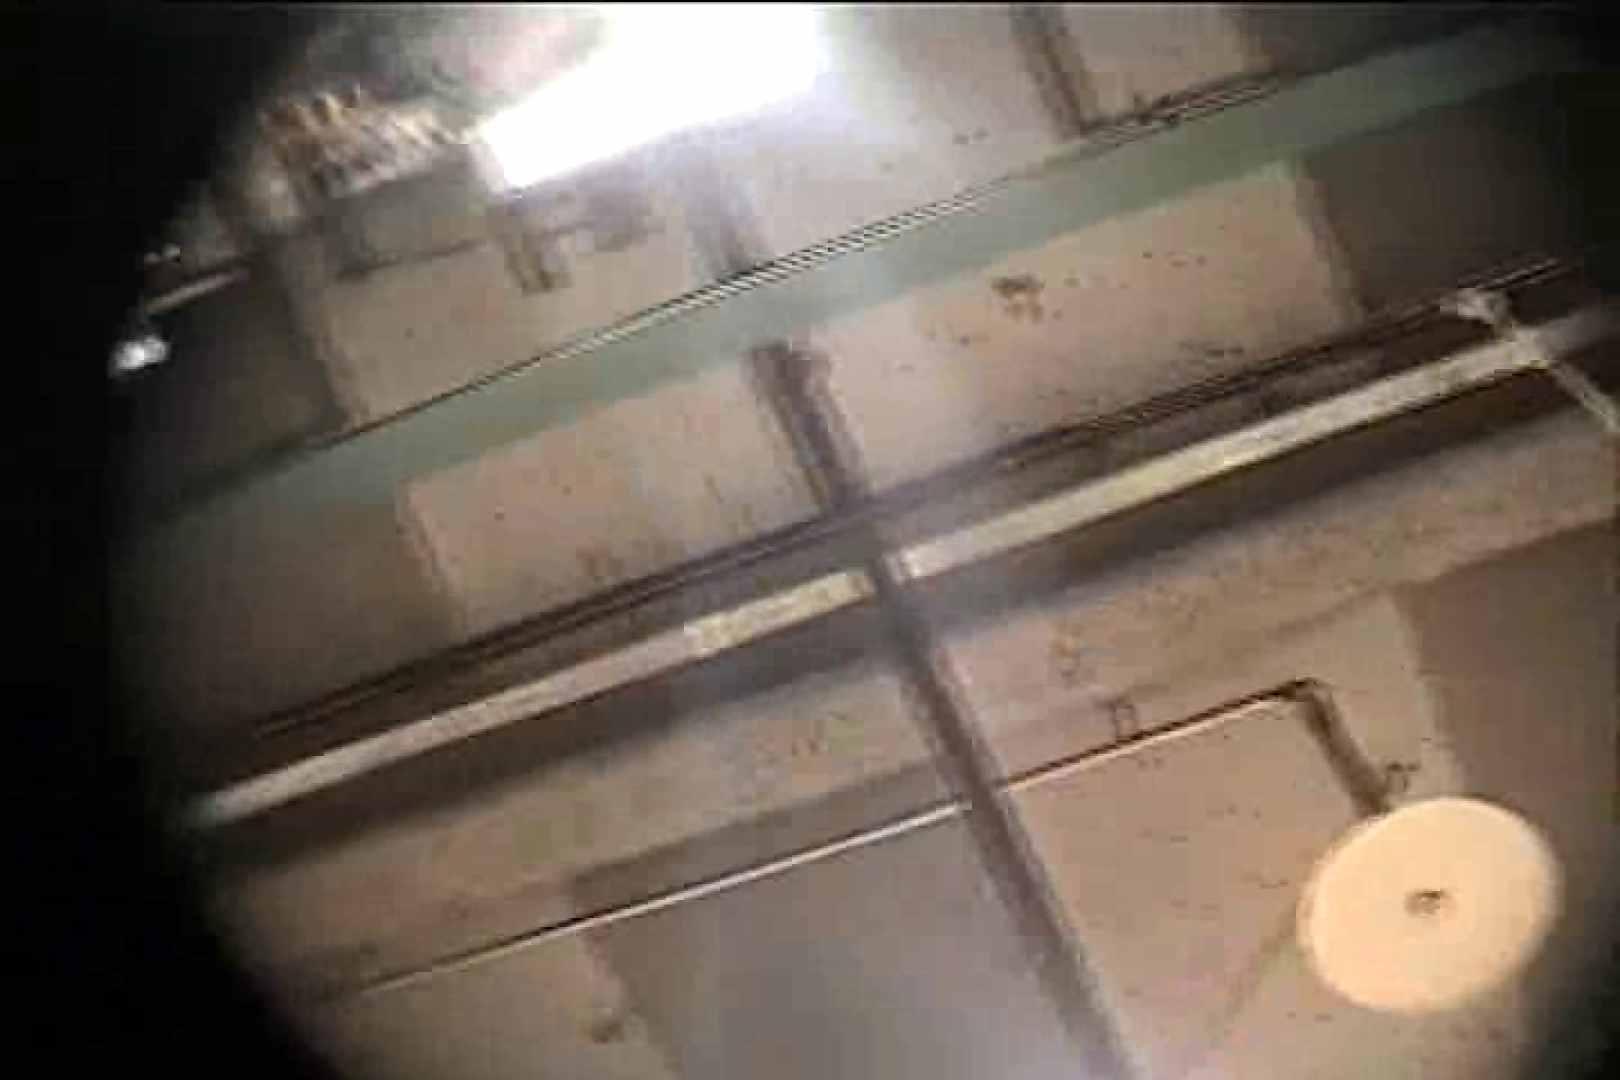 関西発!タツヤのDV直撮り大追跡Vol.1 追跡  78枚 4